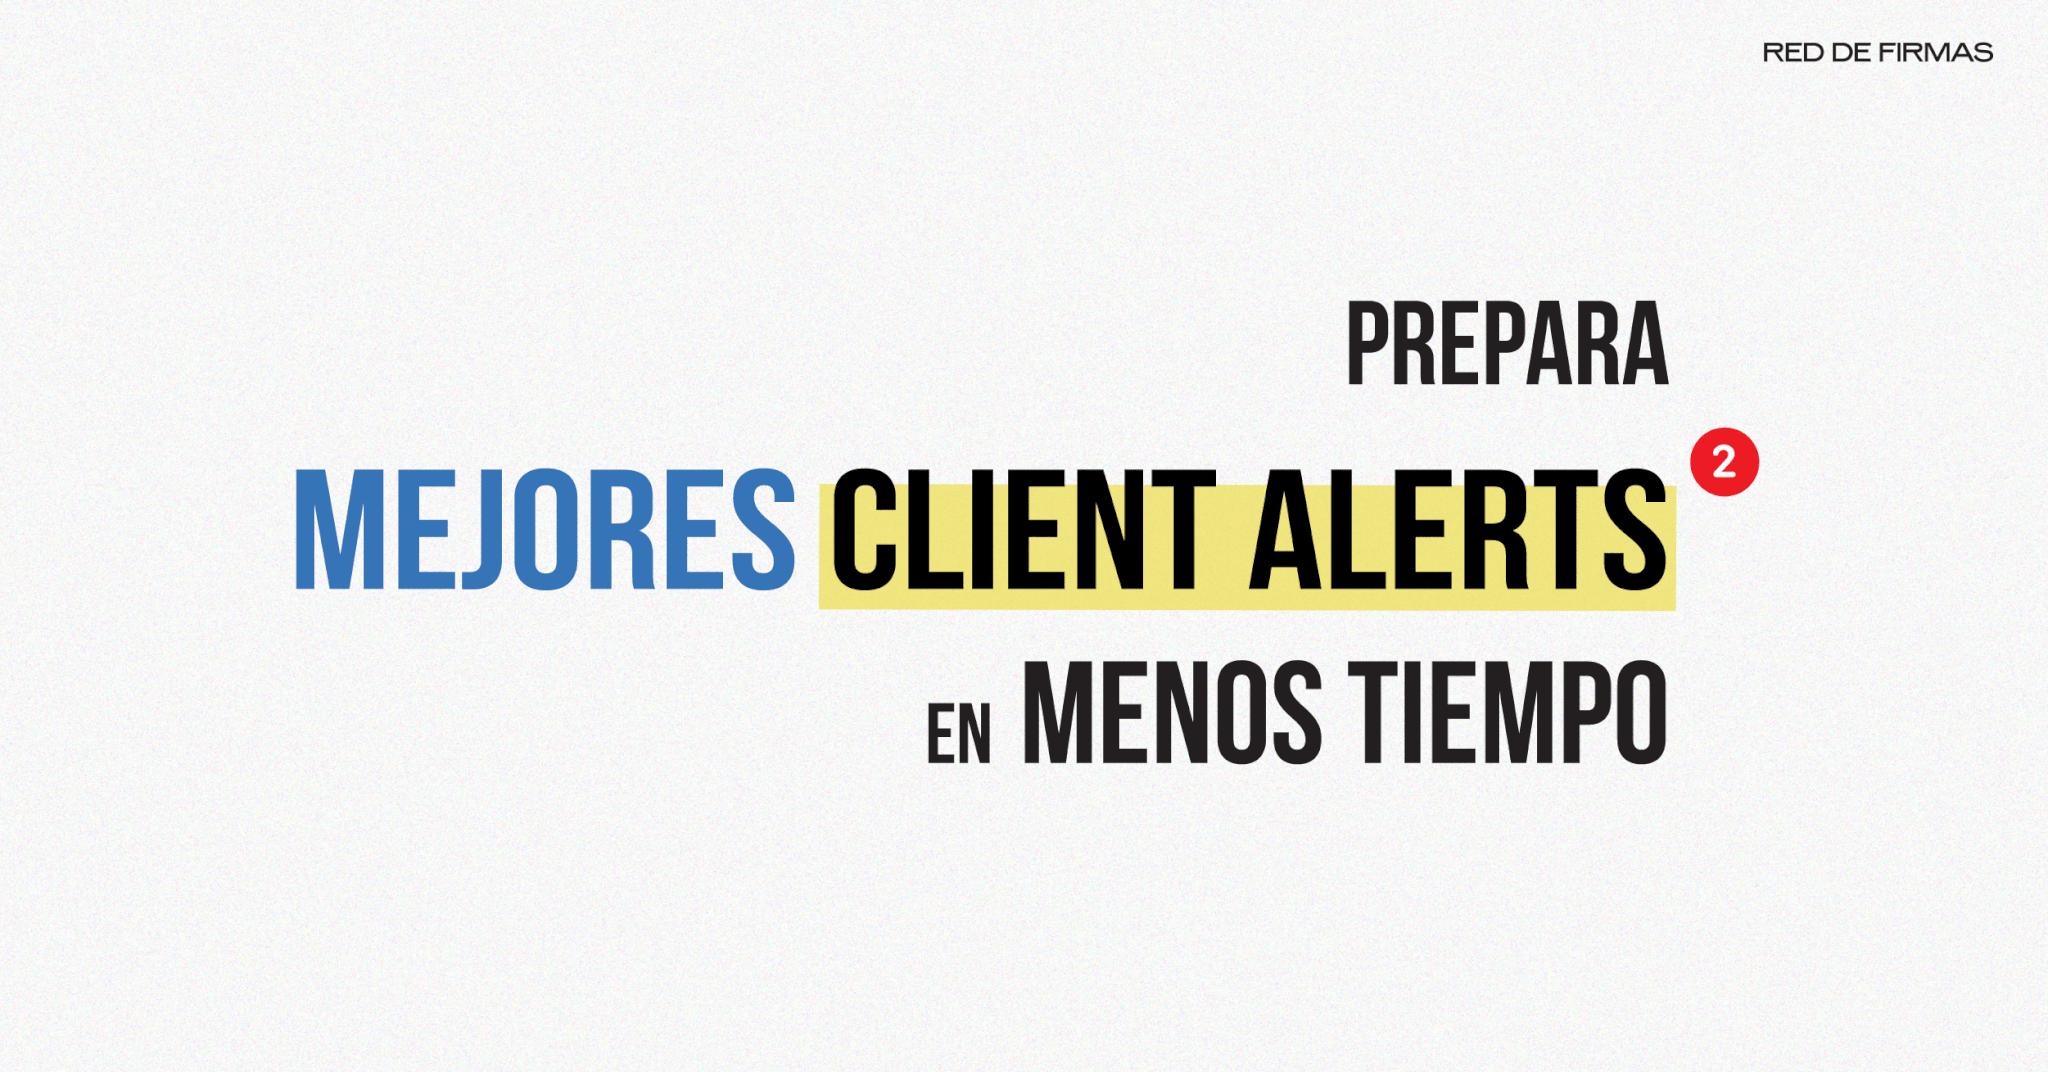 Client Alerts para despachos